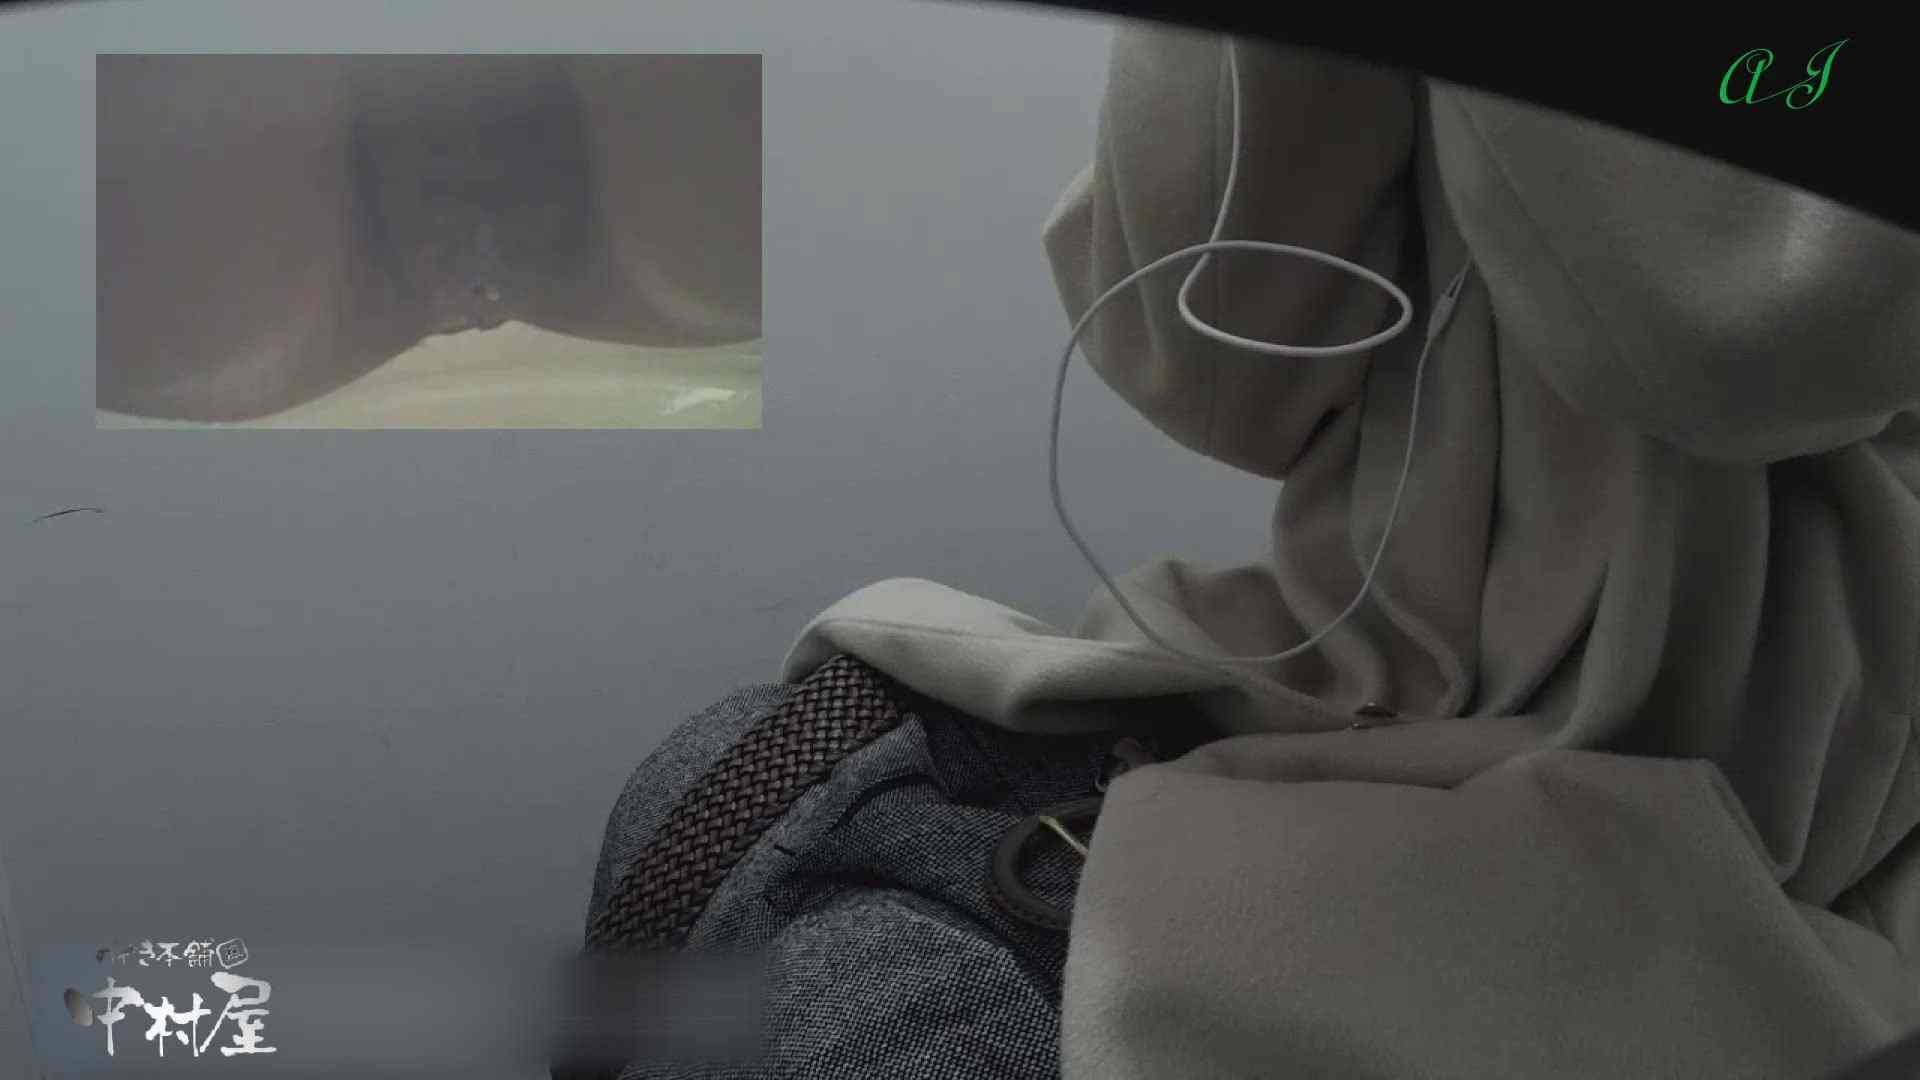 有名大学女性洗面所 vol.78 美女勢揃い 前編 潜入画像 | 人気シリーズ  74画像 53